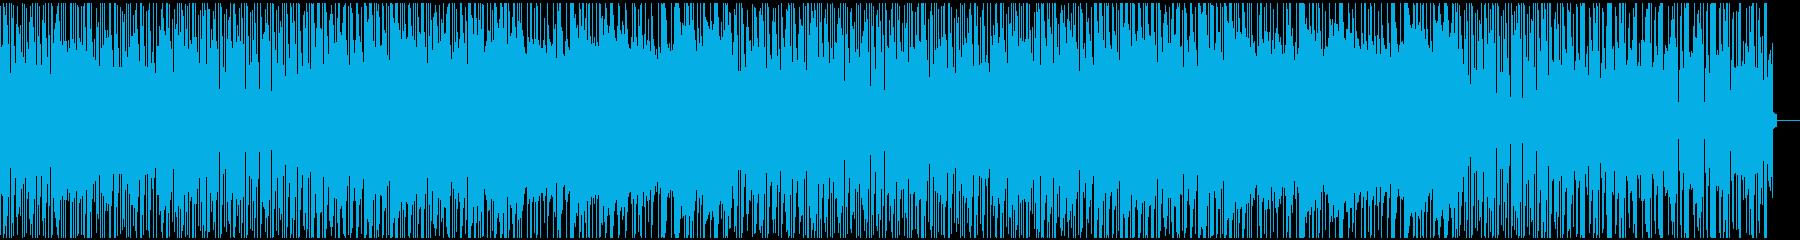 かすれたピアノが美しいchillHopの再生済みの波形